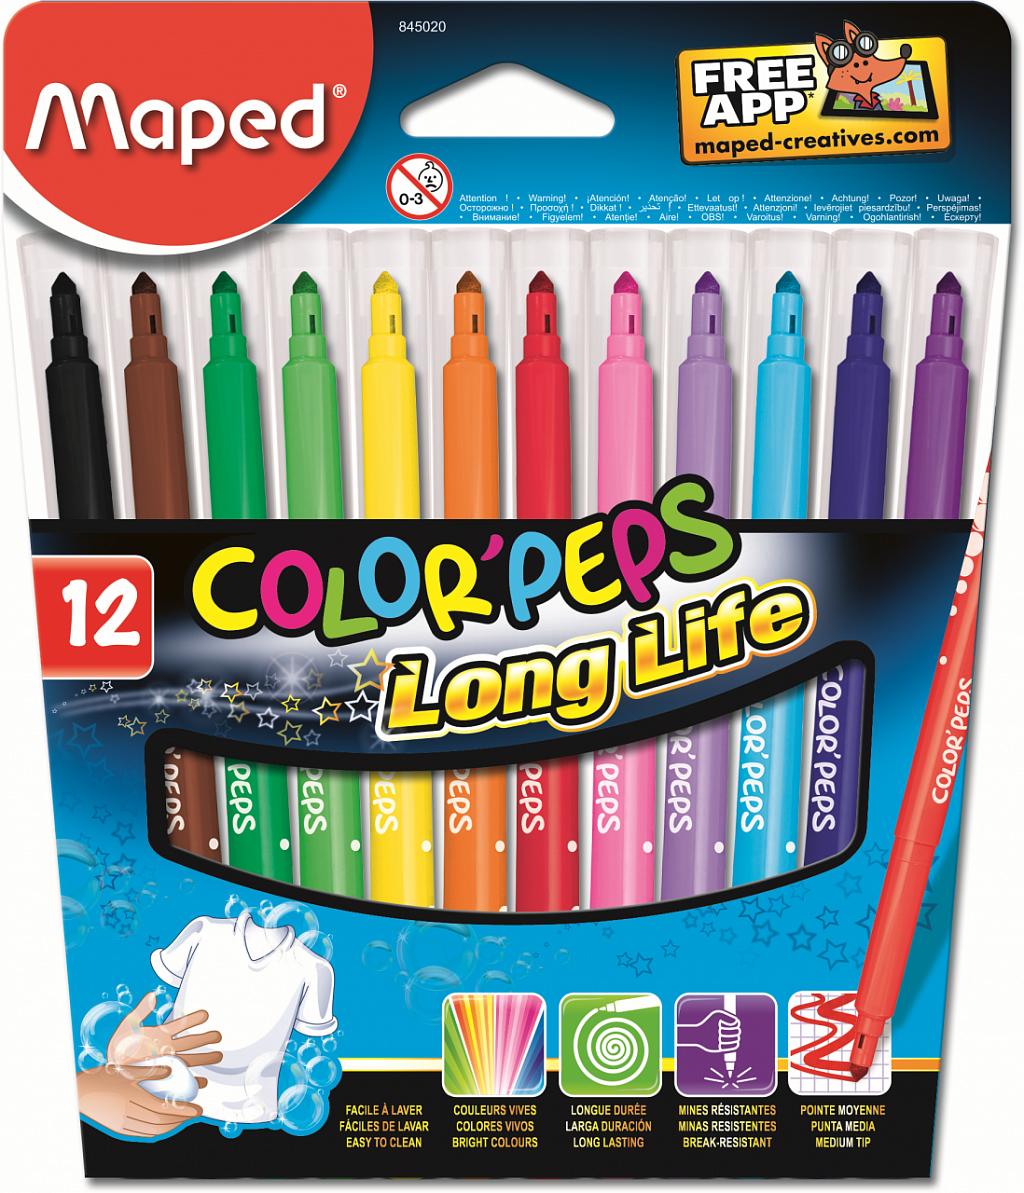 Купить Фломастеры MAPED 845020 COLOR'PEPS 12 шт, Для мальчиков и девочек, Китай, Детские товары